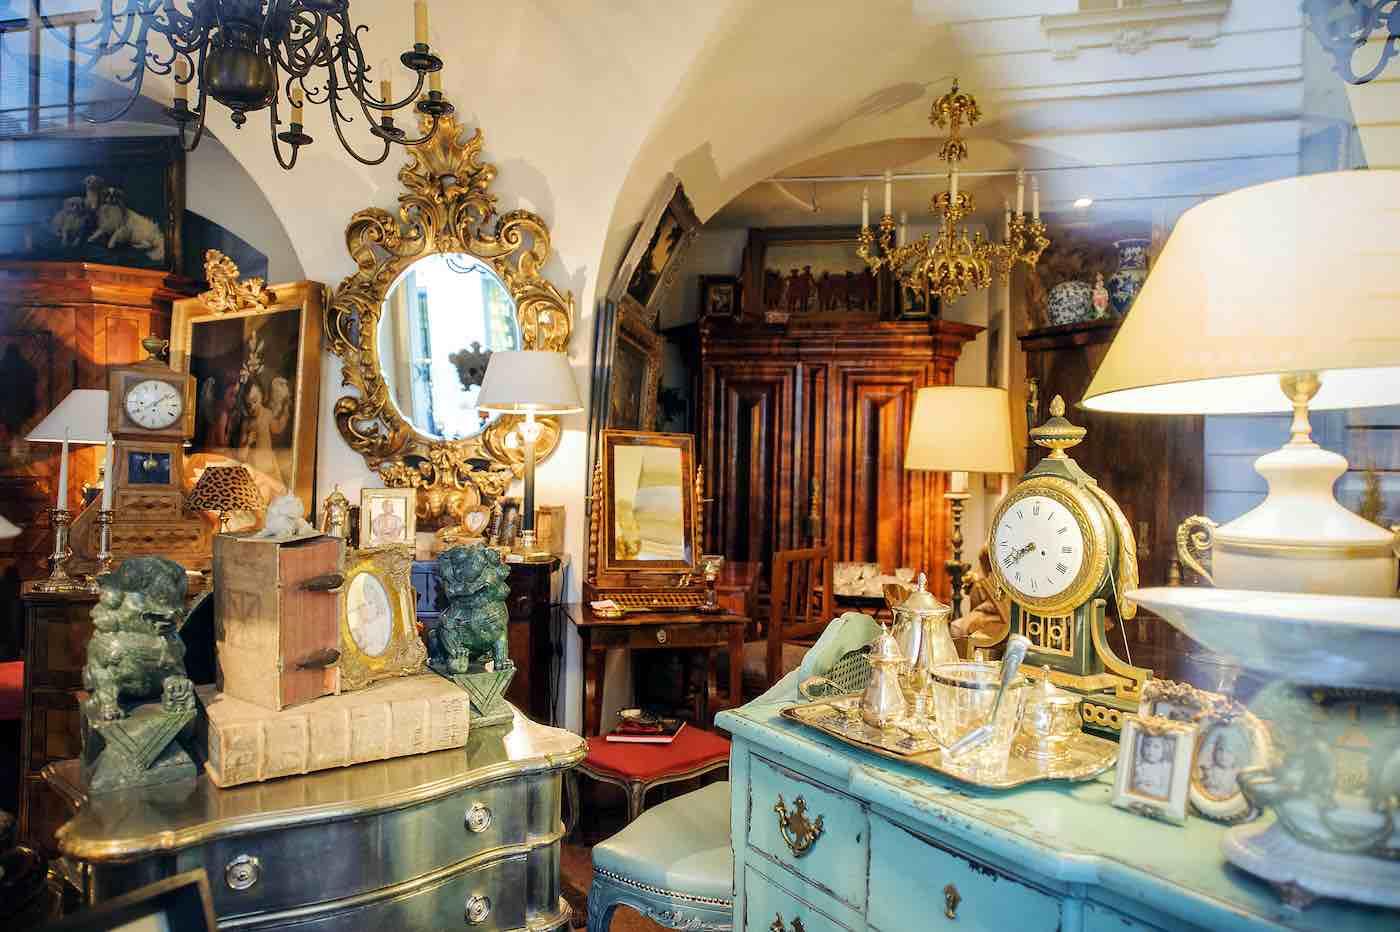 10 consejos para conservar obras de arte y antigüedades en perfecto estado.